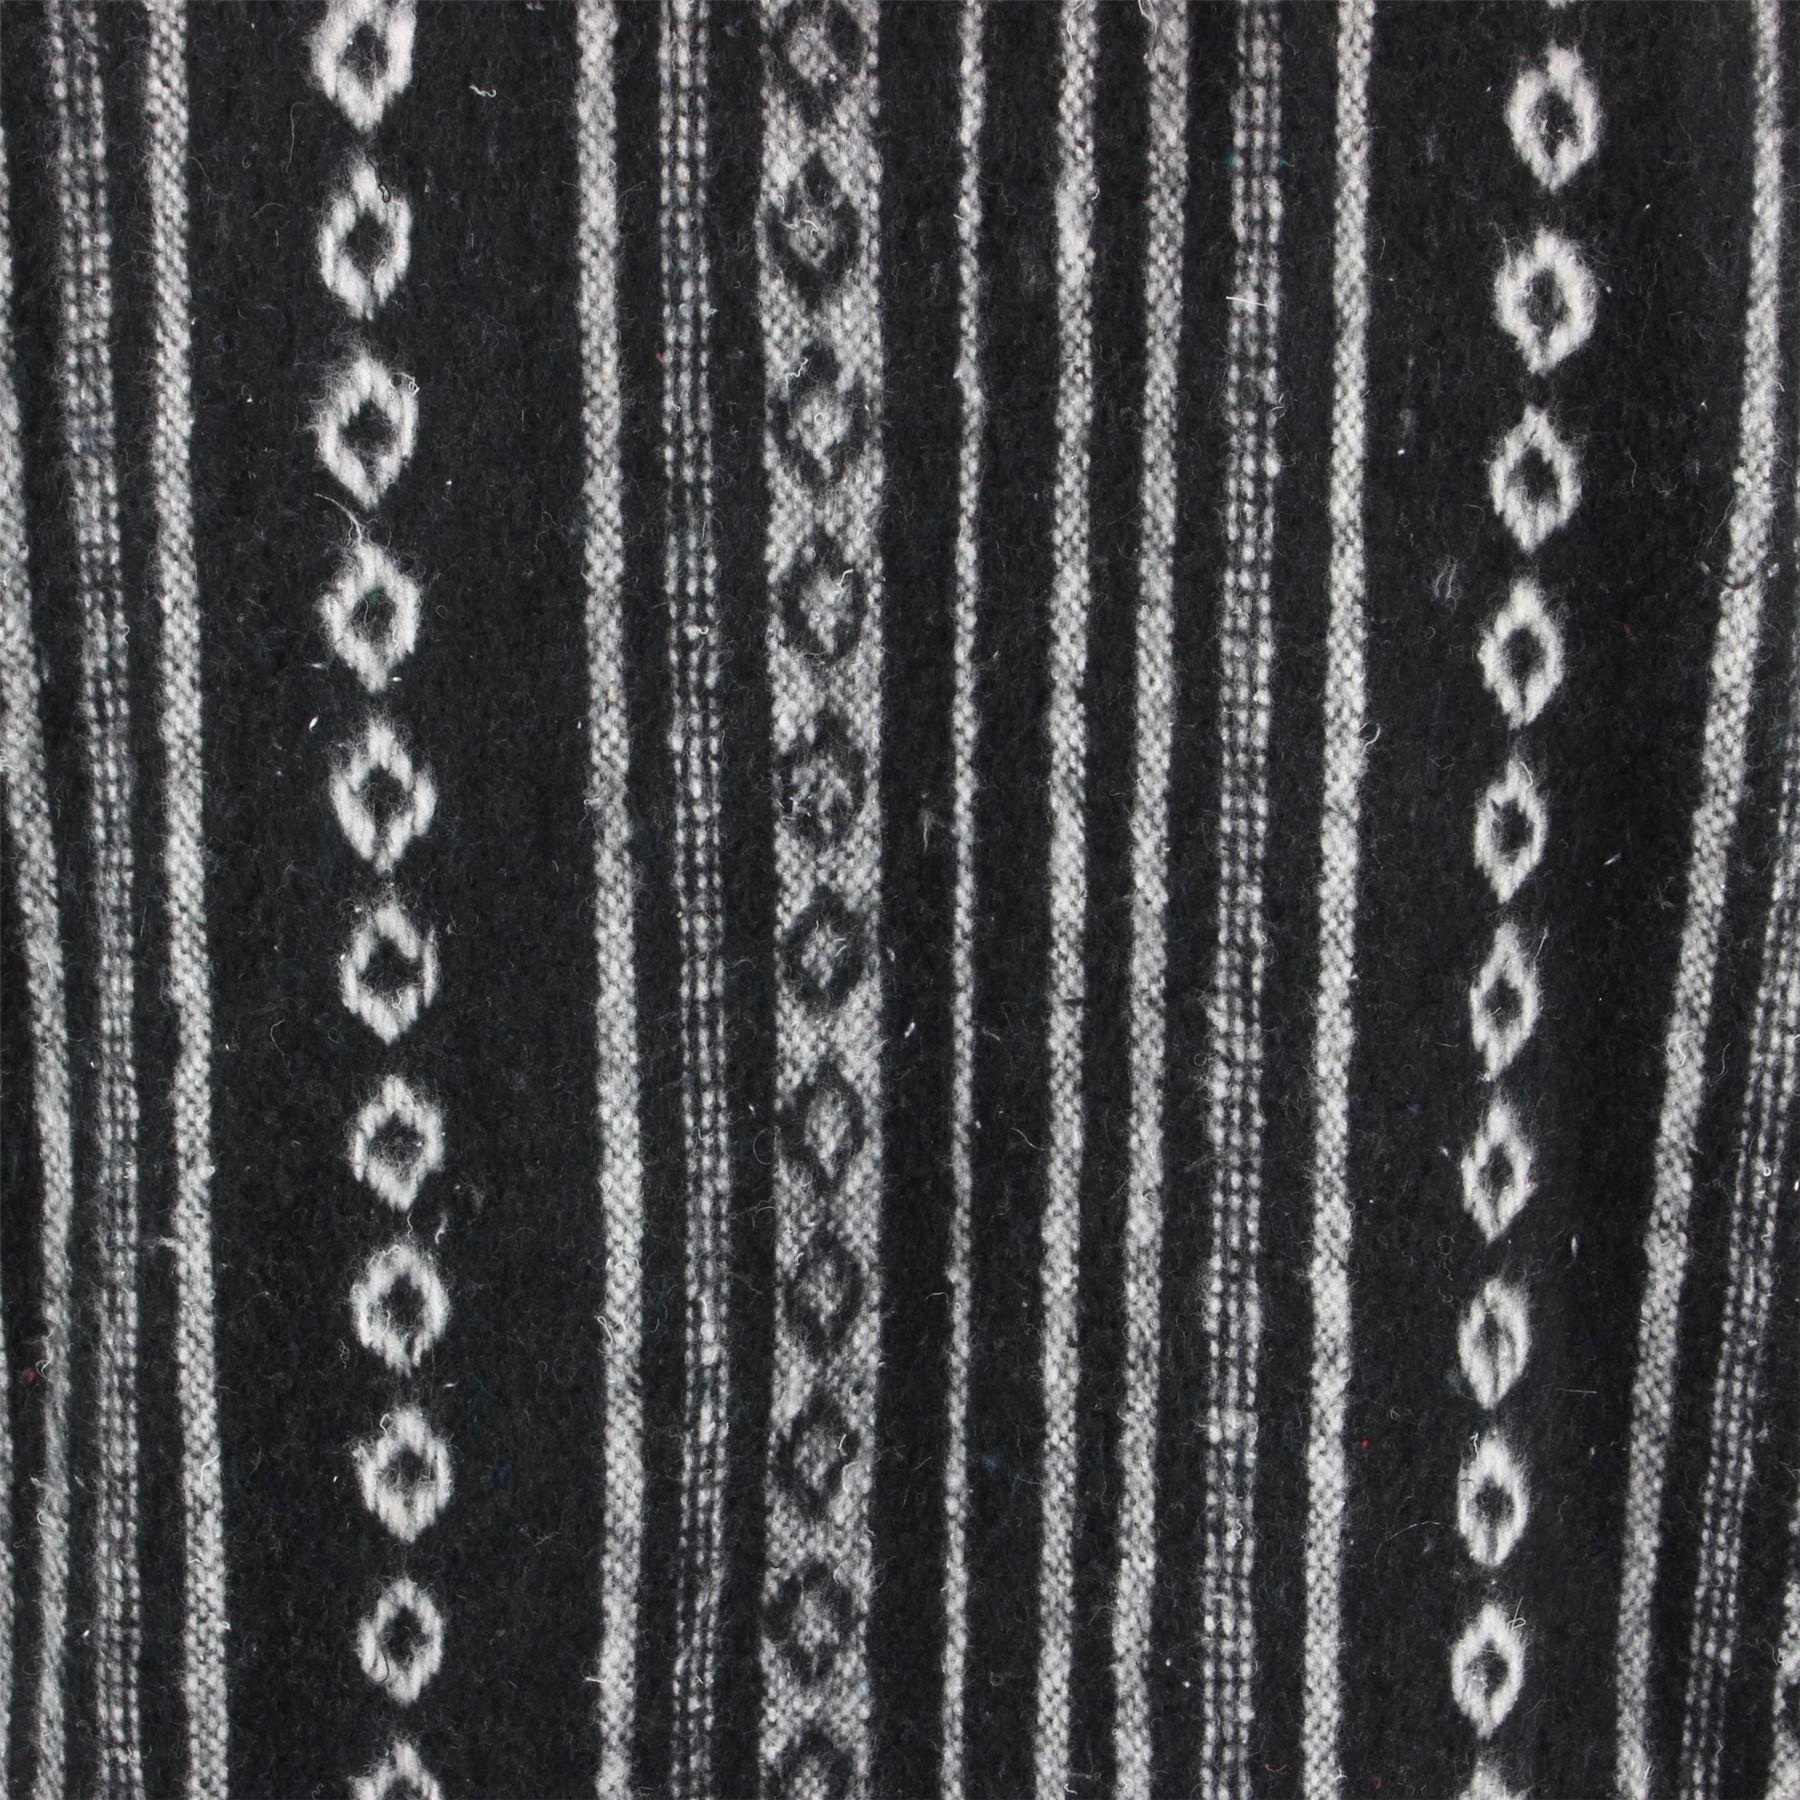 Poncho-mantello-con-cappuccio-cotone-LOUDelephant-caldo-Festival-Intrecciato-uomini-donne-breve miniatura 10